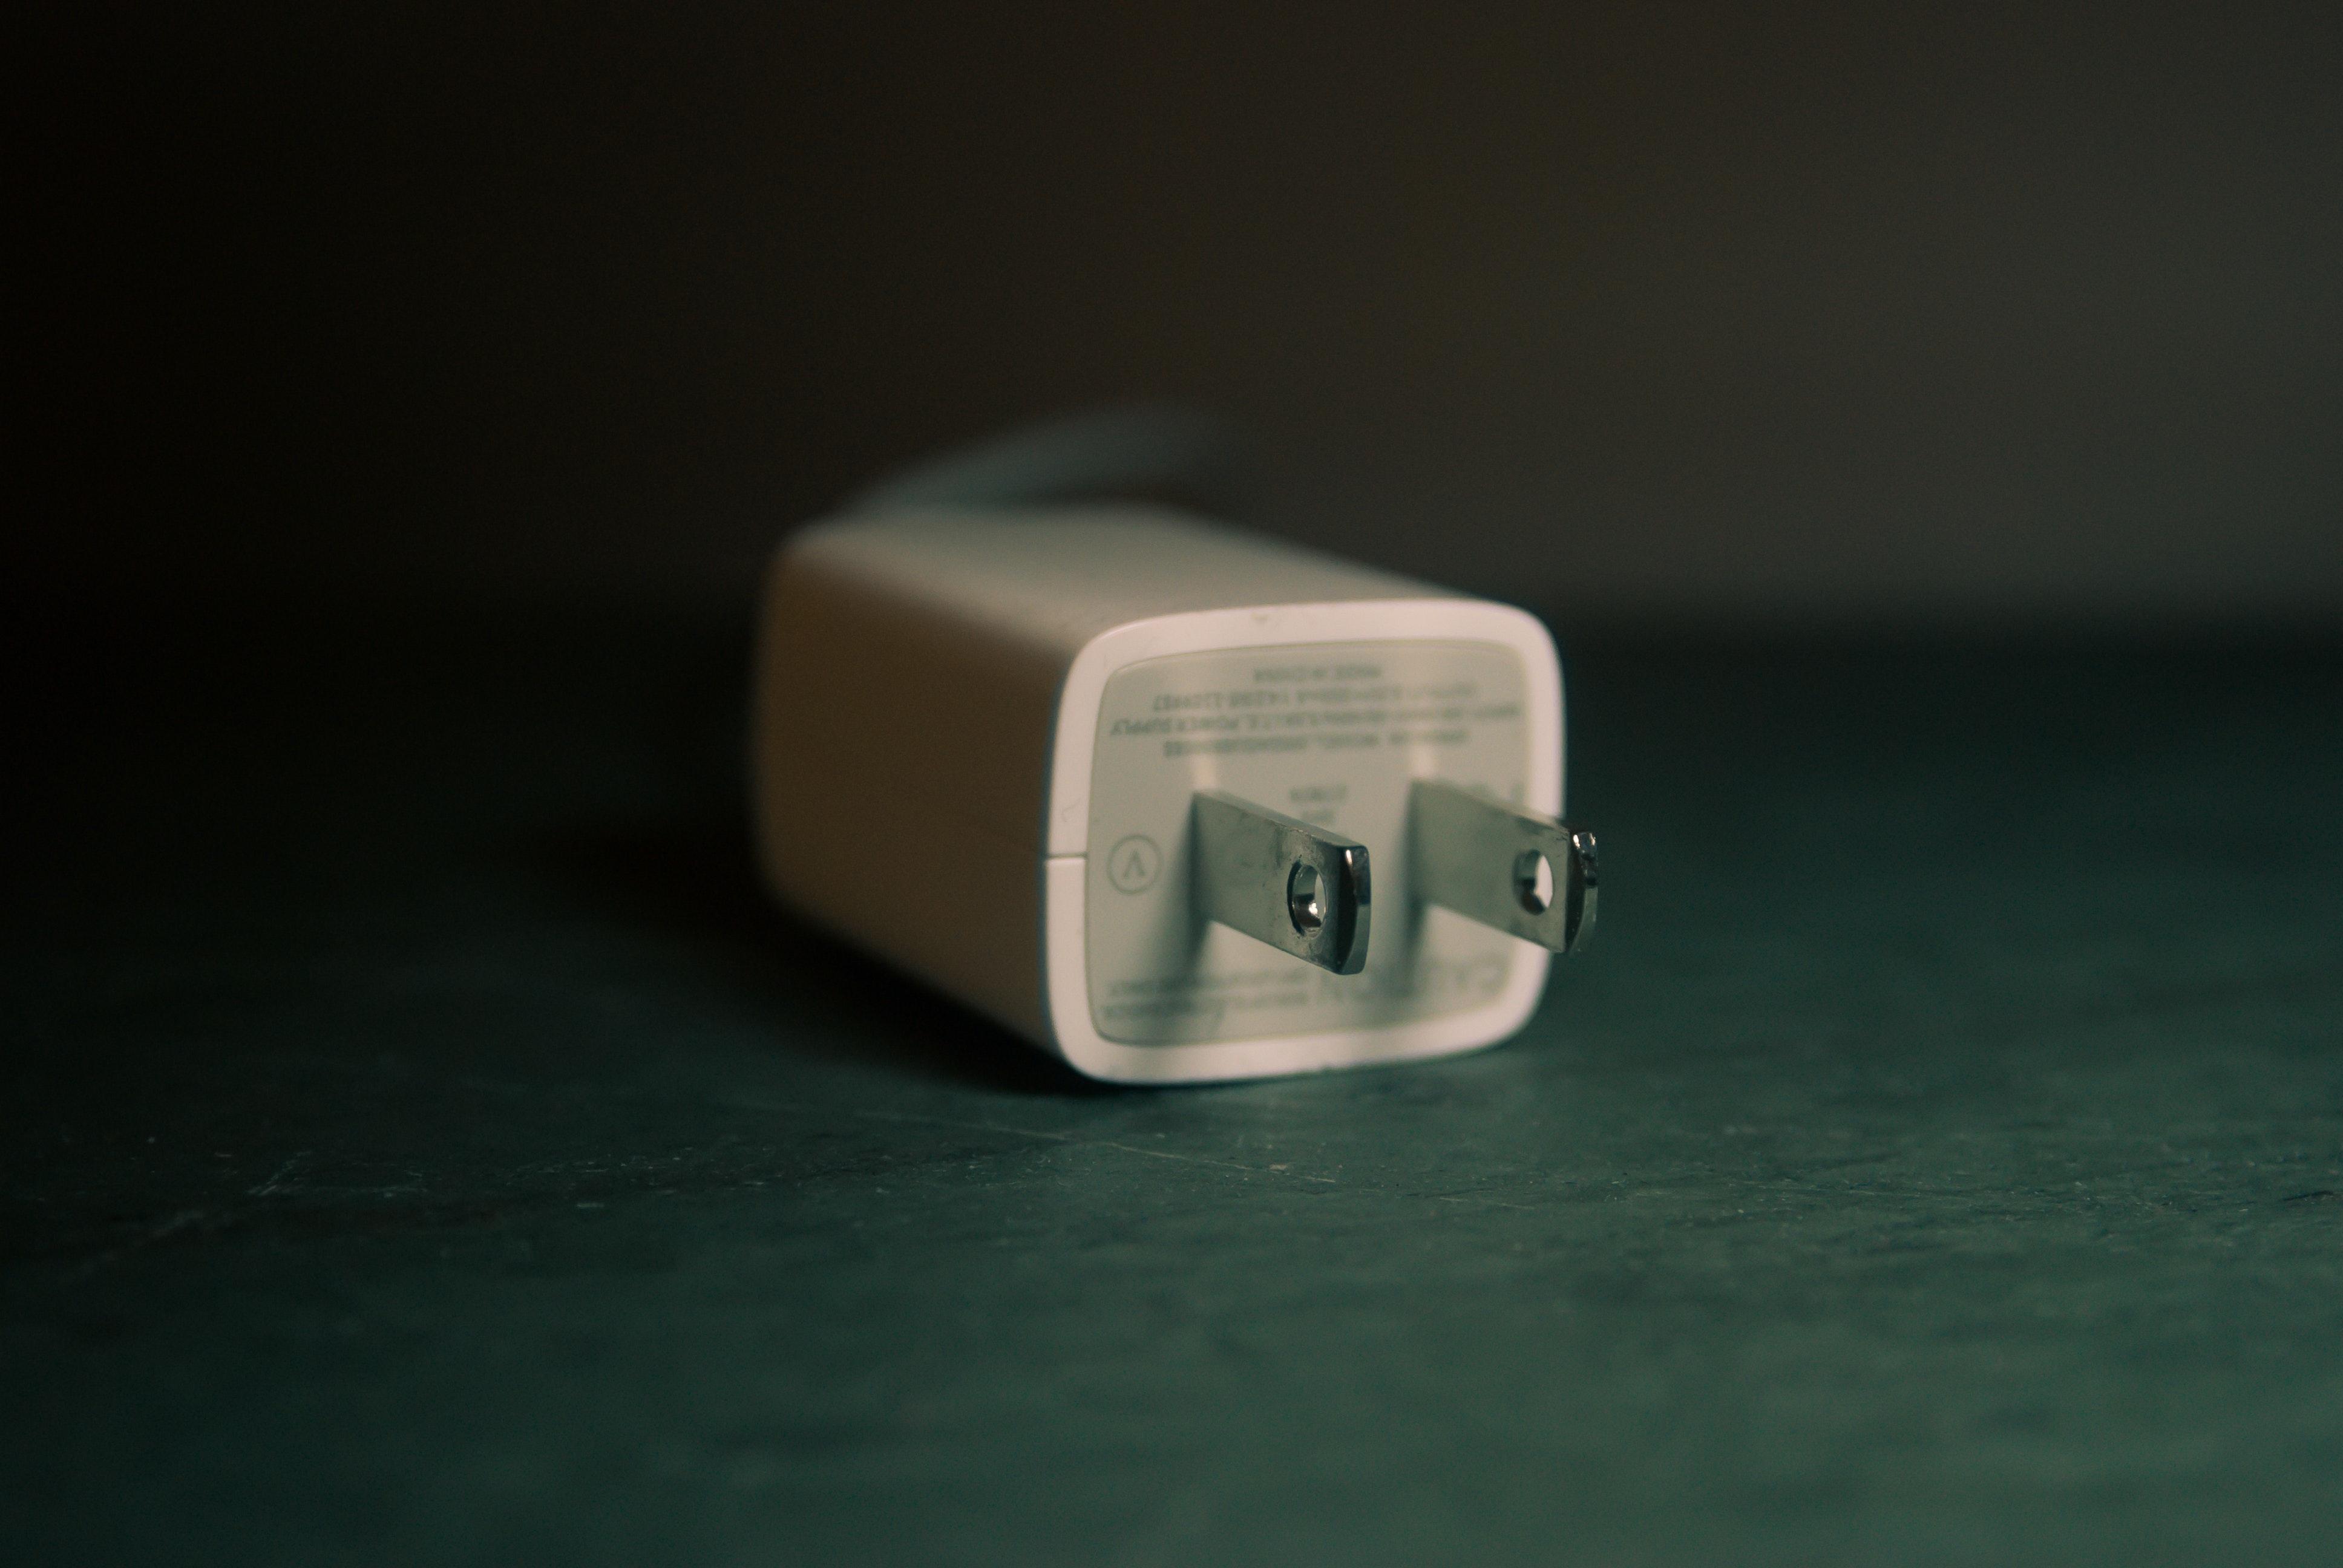 White travel adapter photo